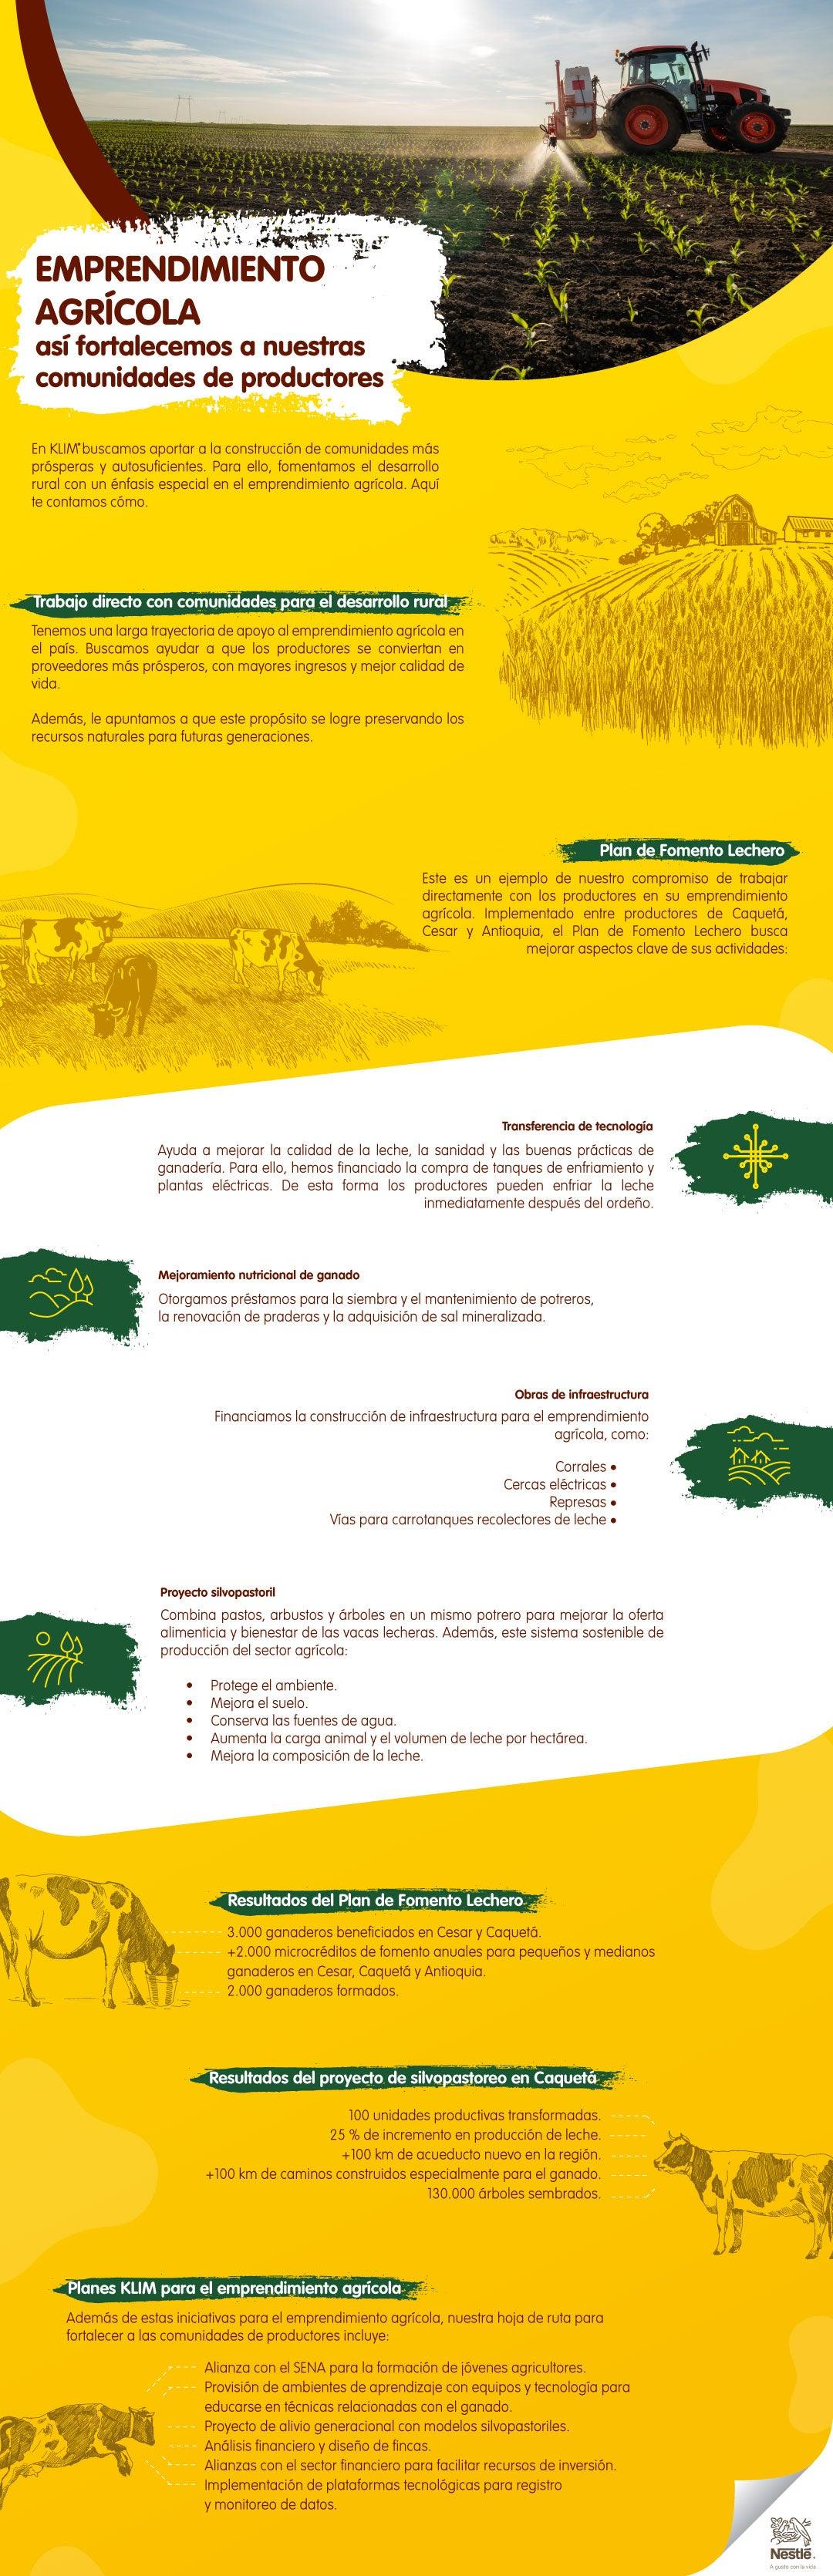 Emprendimiento Agricola